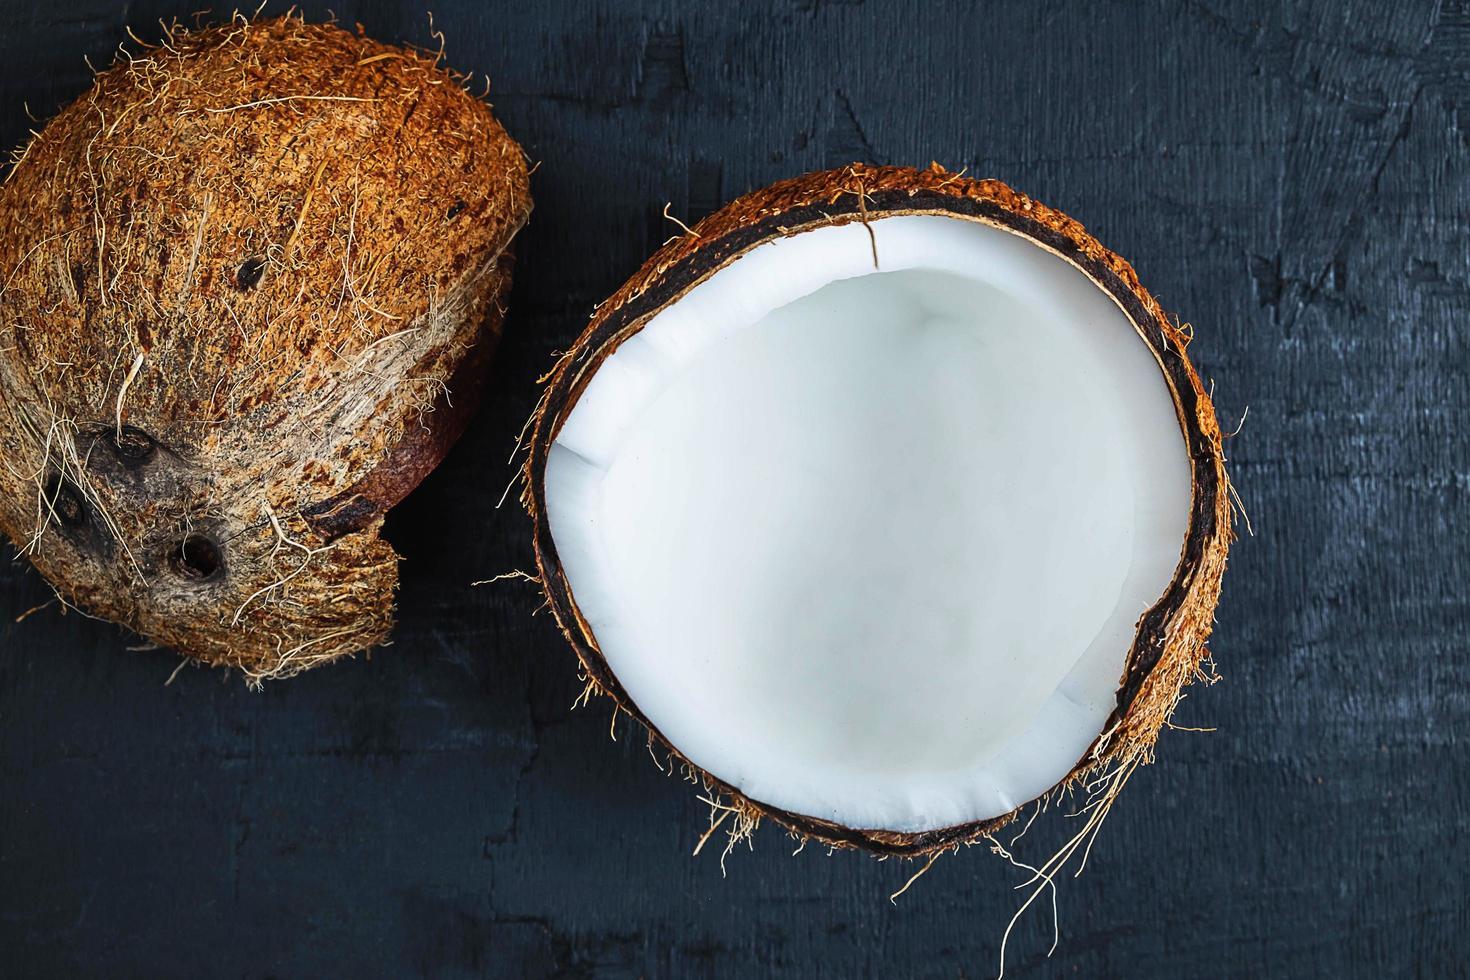 kokosnoot in tweeën gesneden op een zwarte tafel achtergrond foto